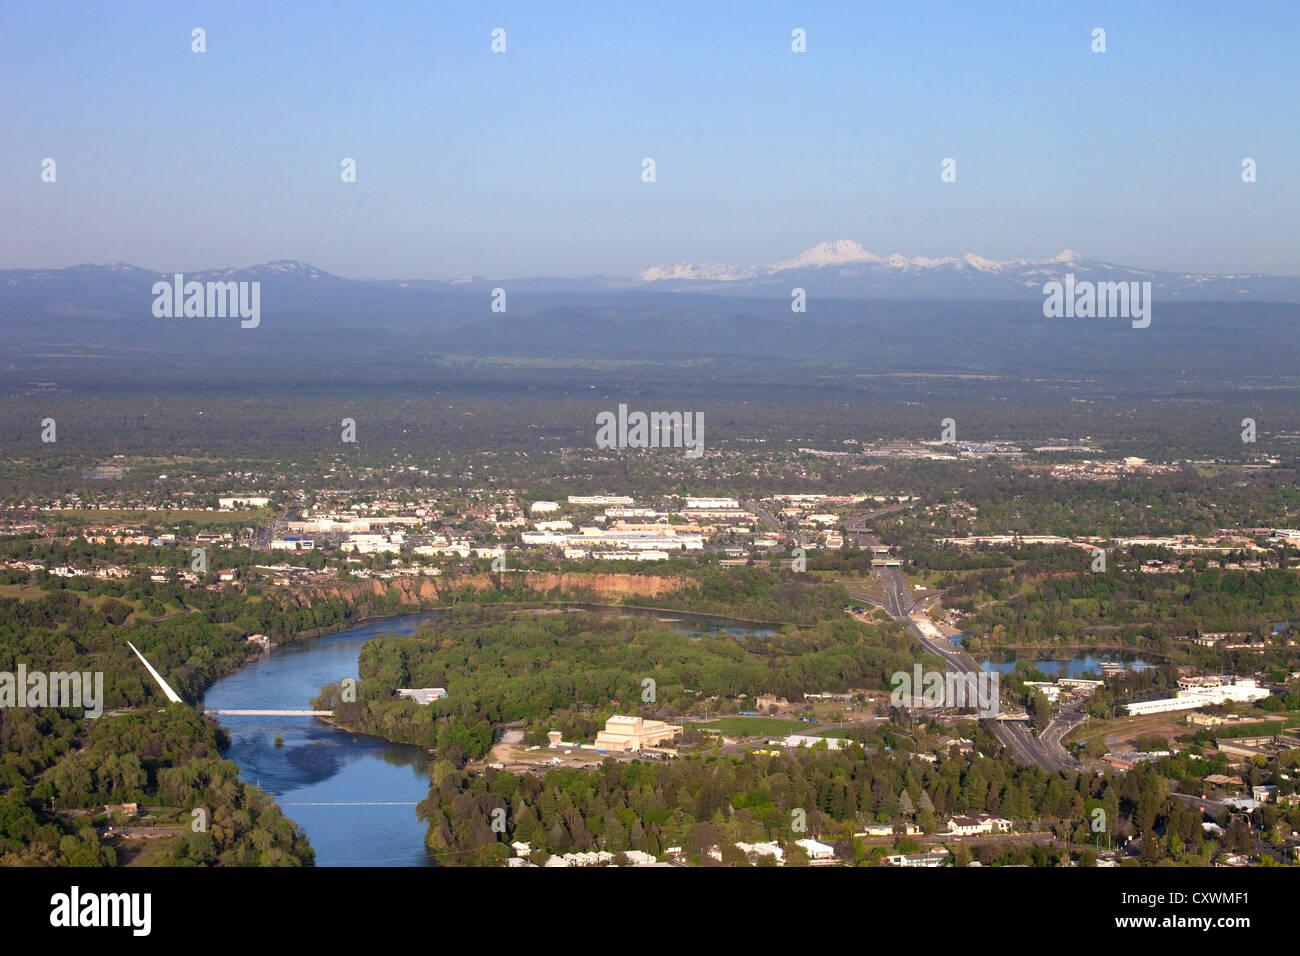 Luftaufnahme Von Redding Kalifornien Einschließlich Das Sundial